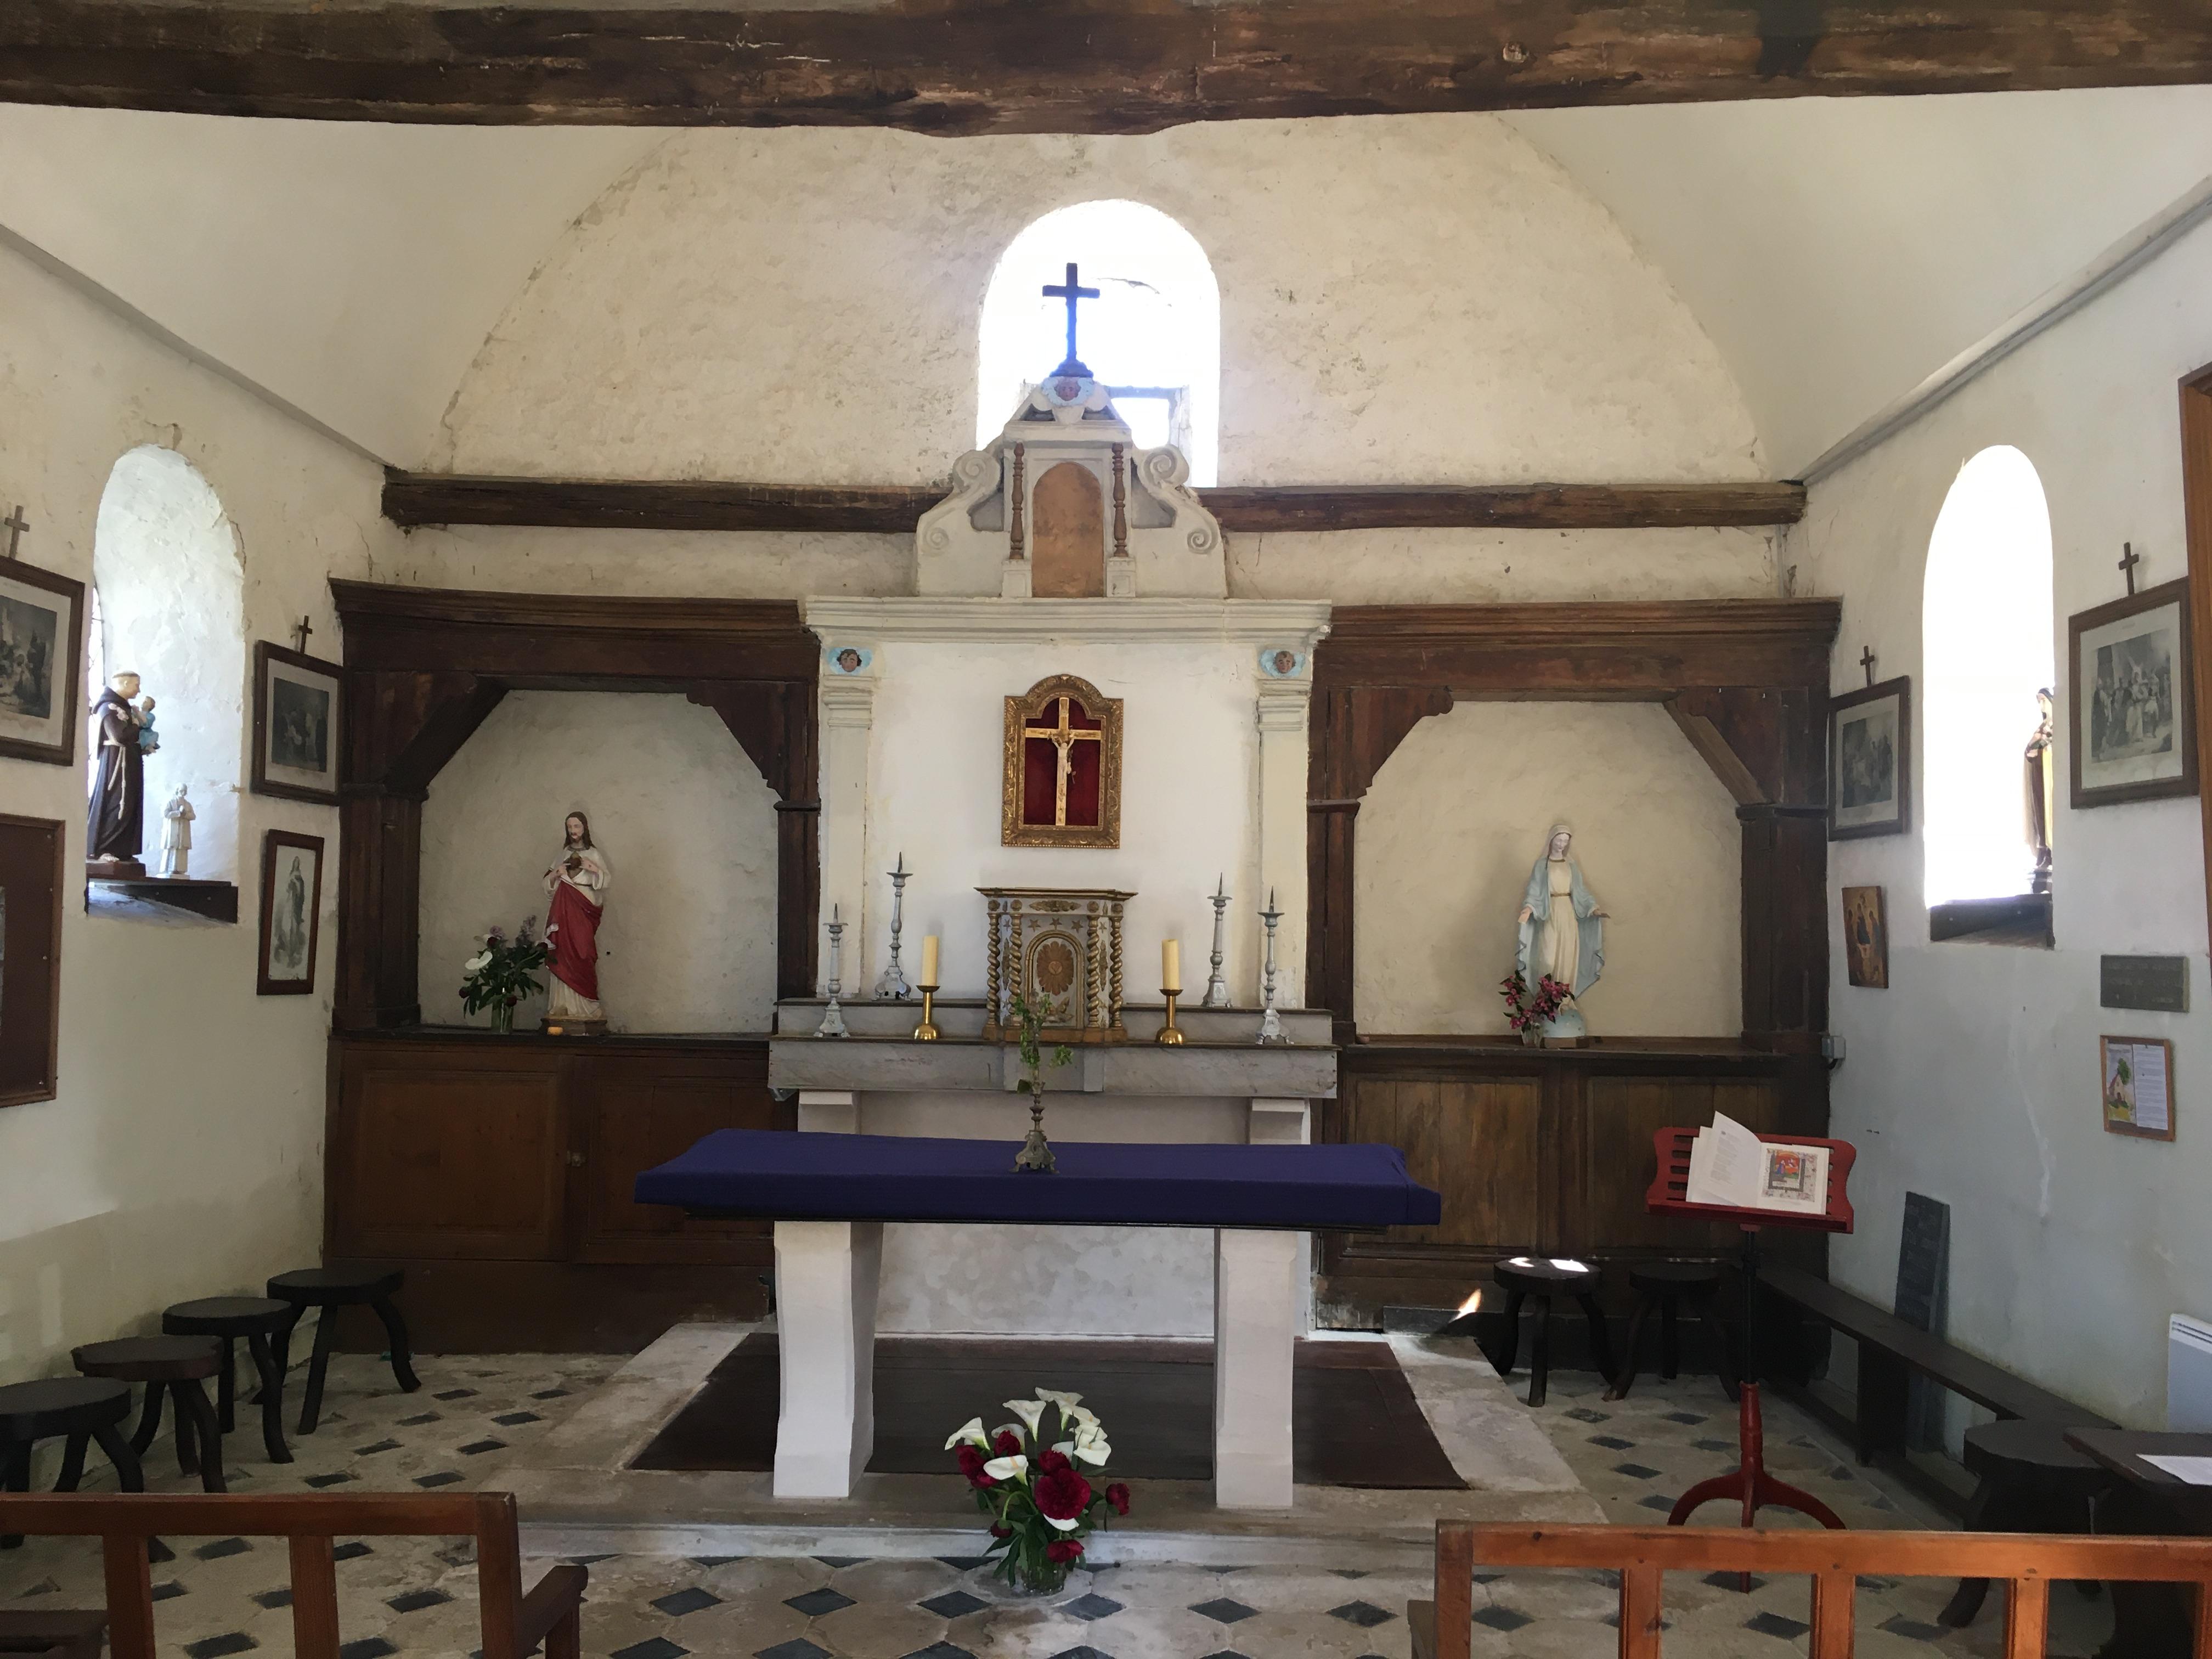 Office de la chapelle de vorvigny